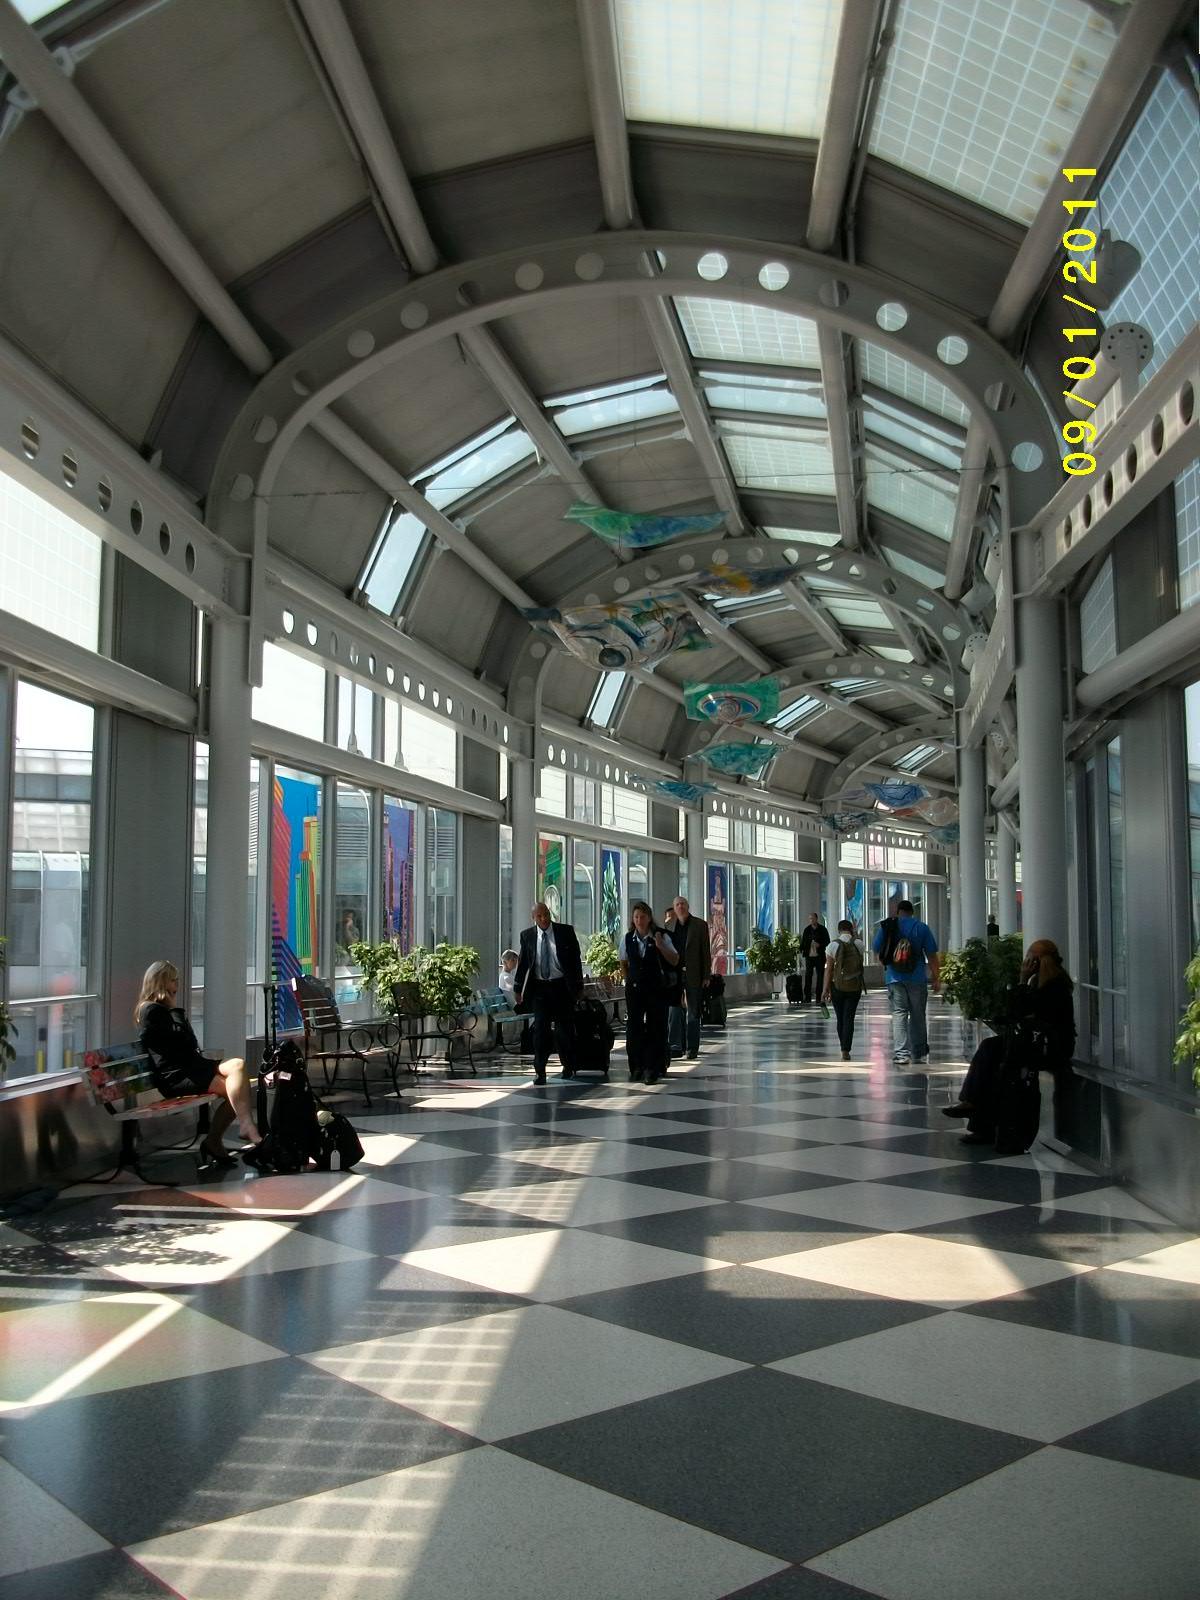 芝加哥機場&轉機延飛經驗 | 大波士頓 隨手寫…